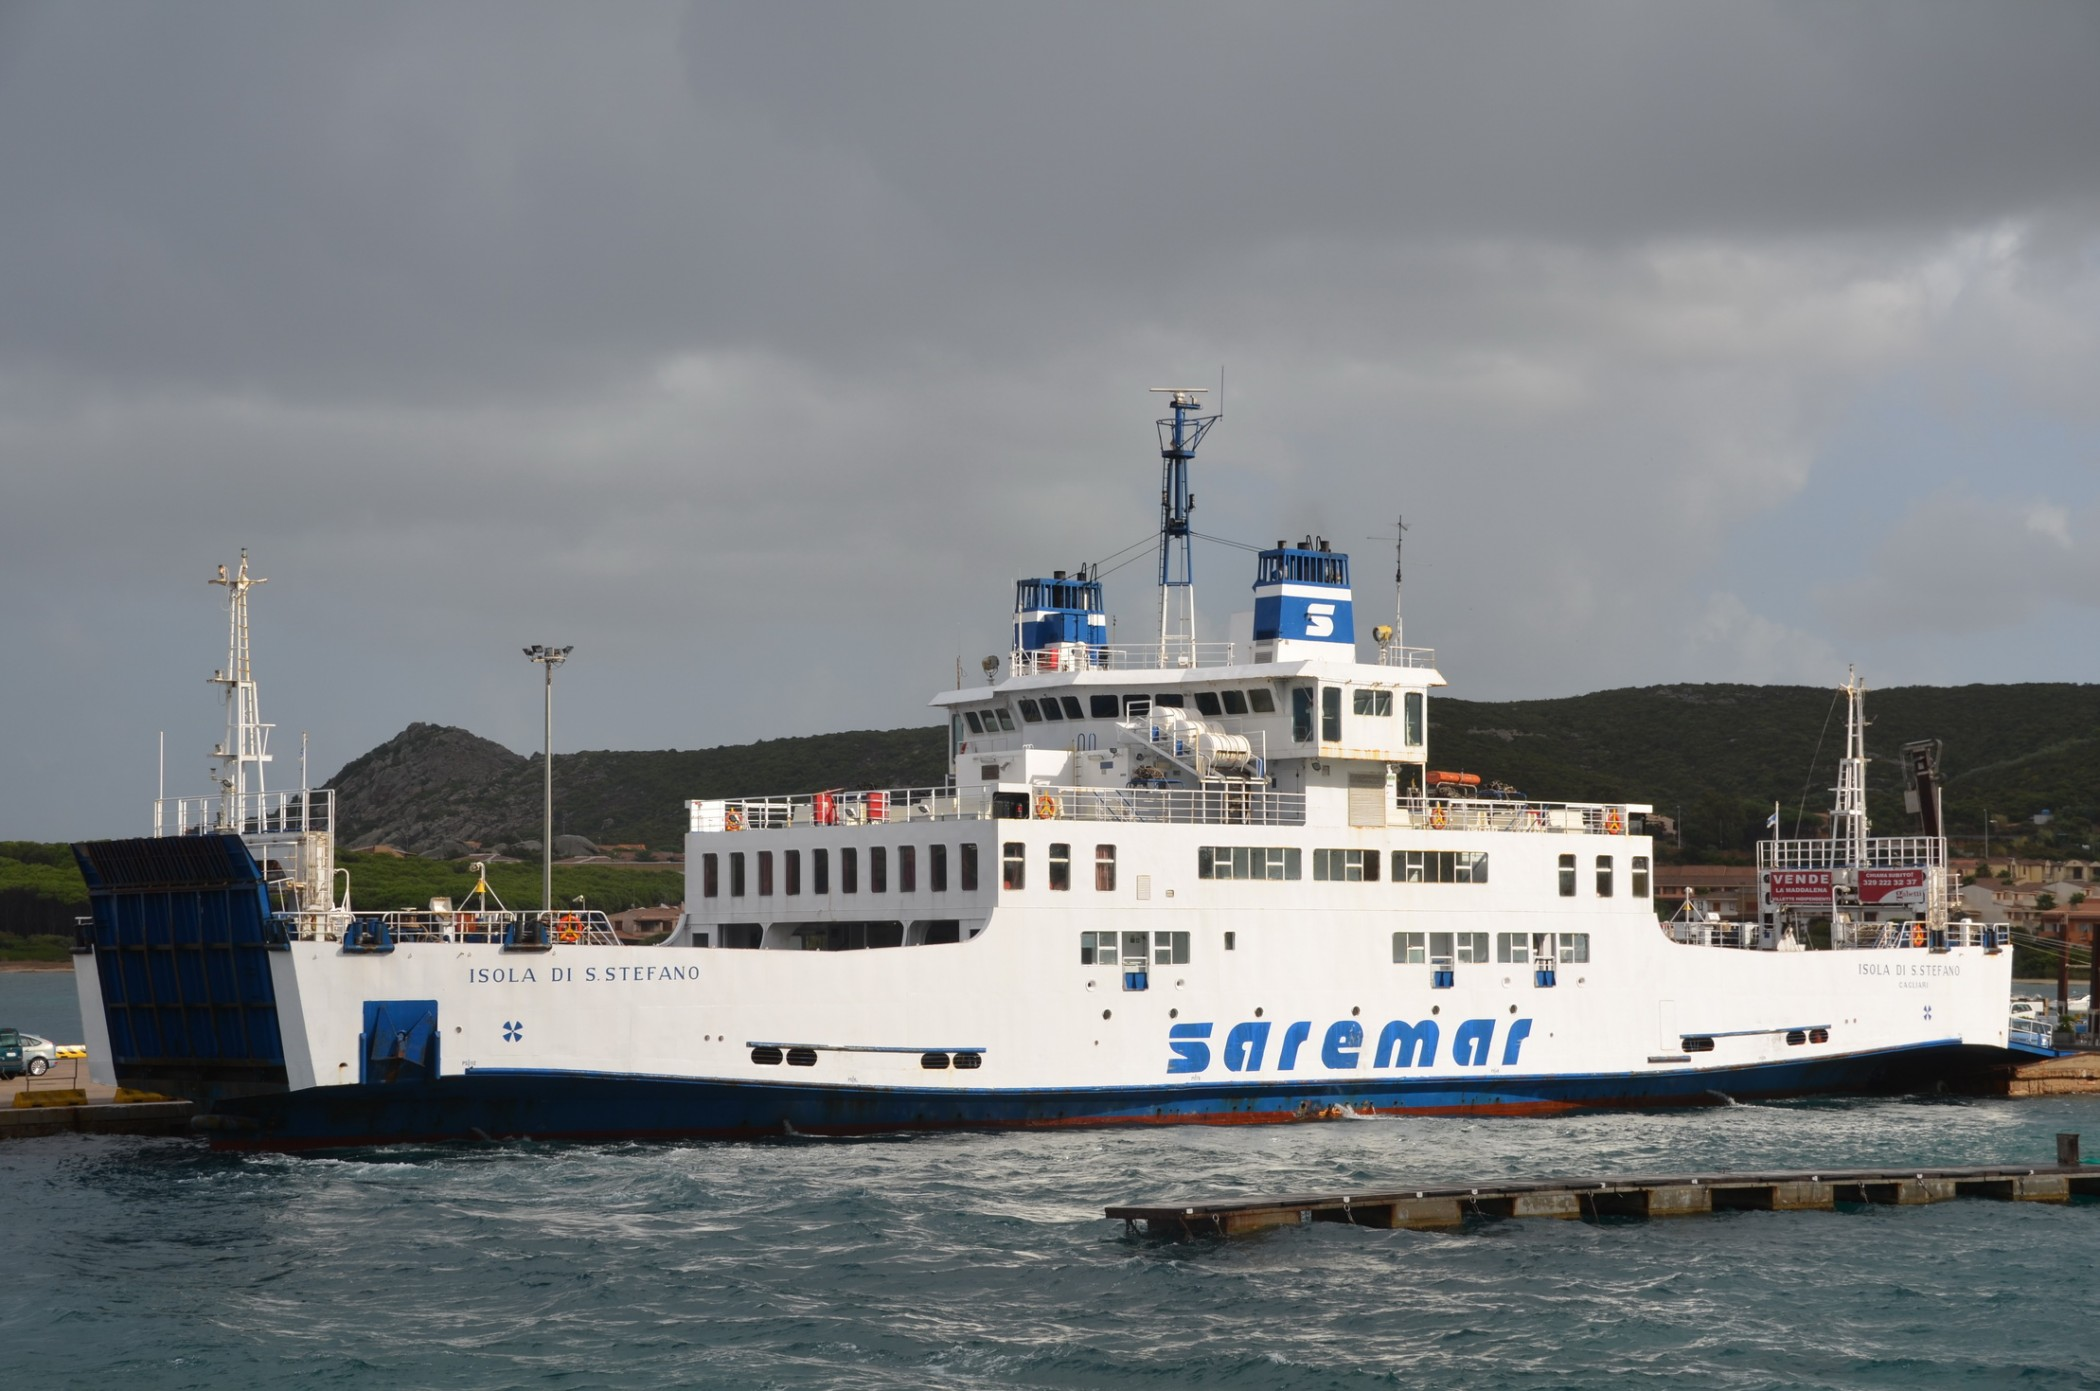 Isola Di S Stefano in Pallau